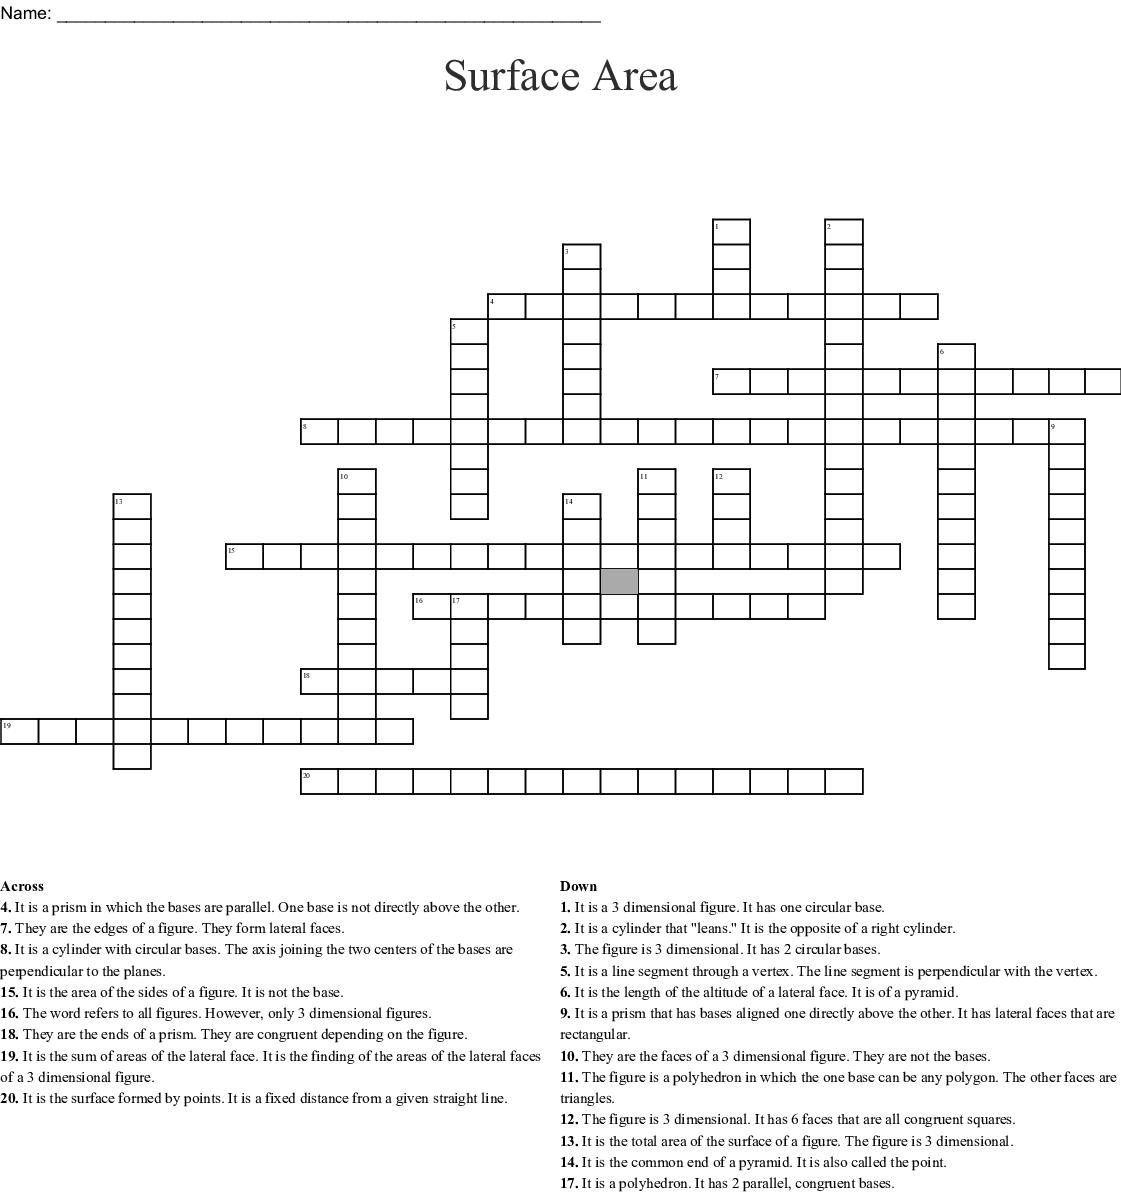 Surface Area Crossword